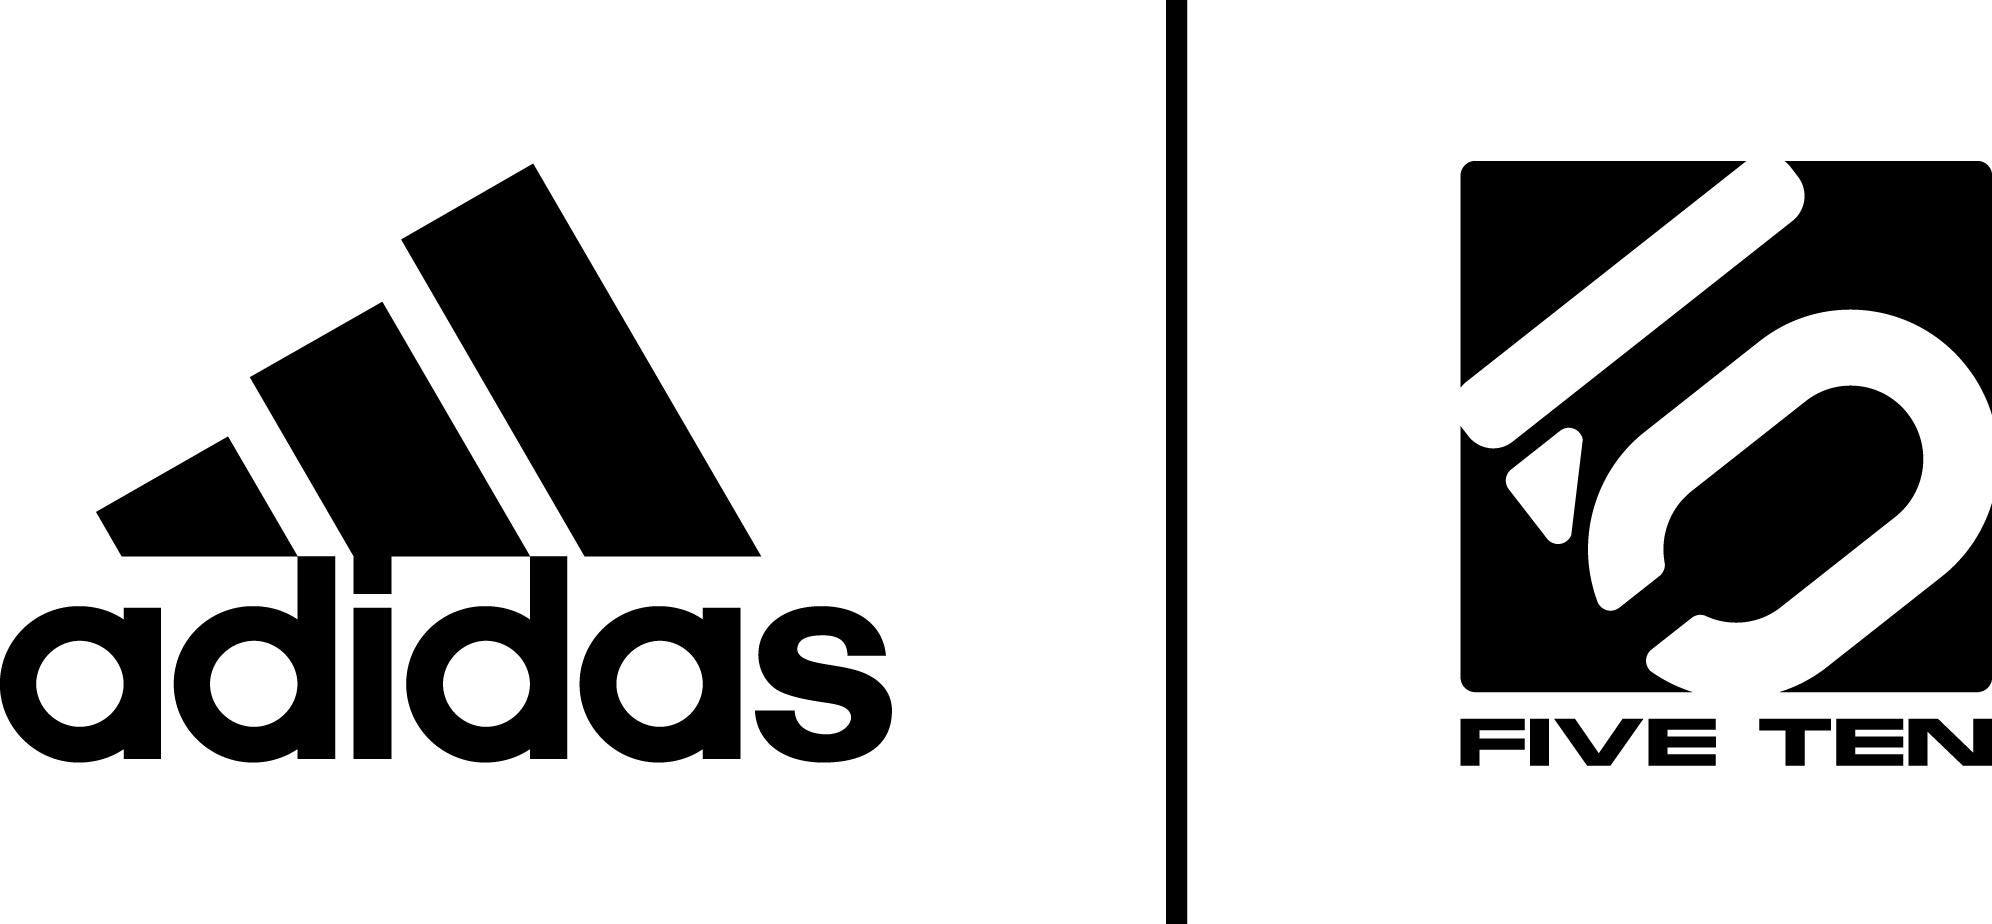 adidas_FiveTen_Black.jpg